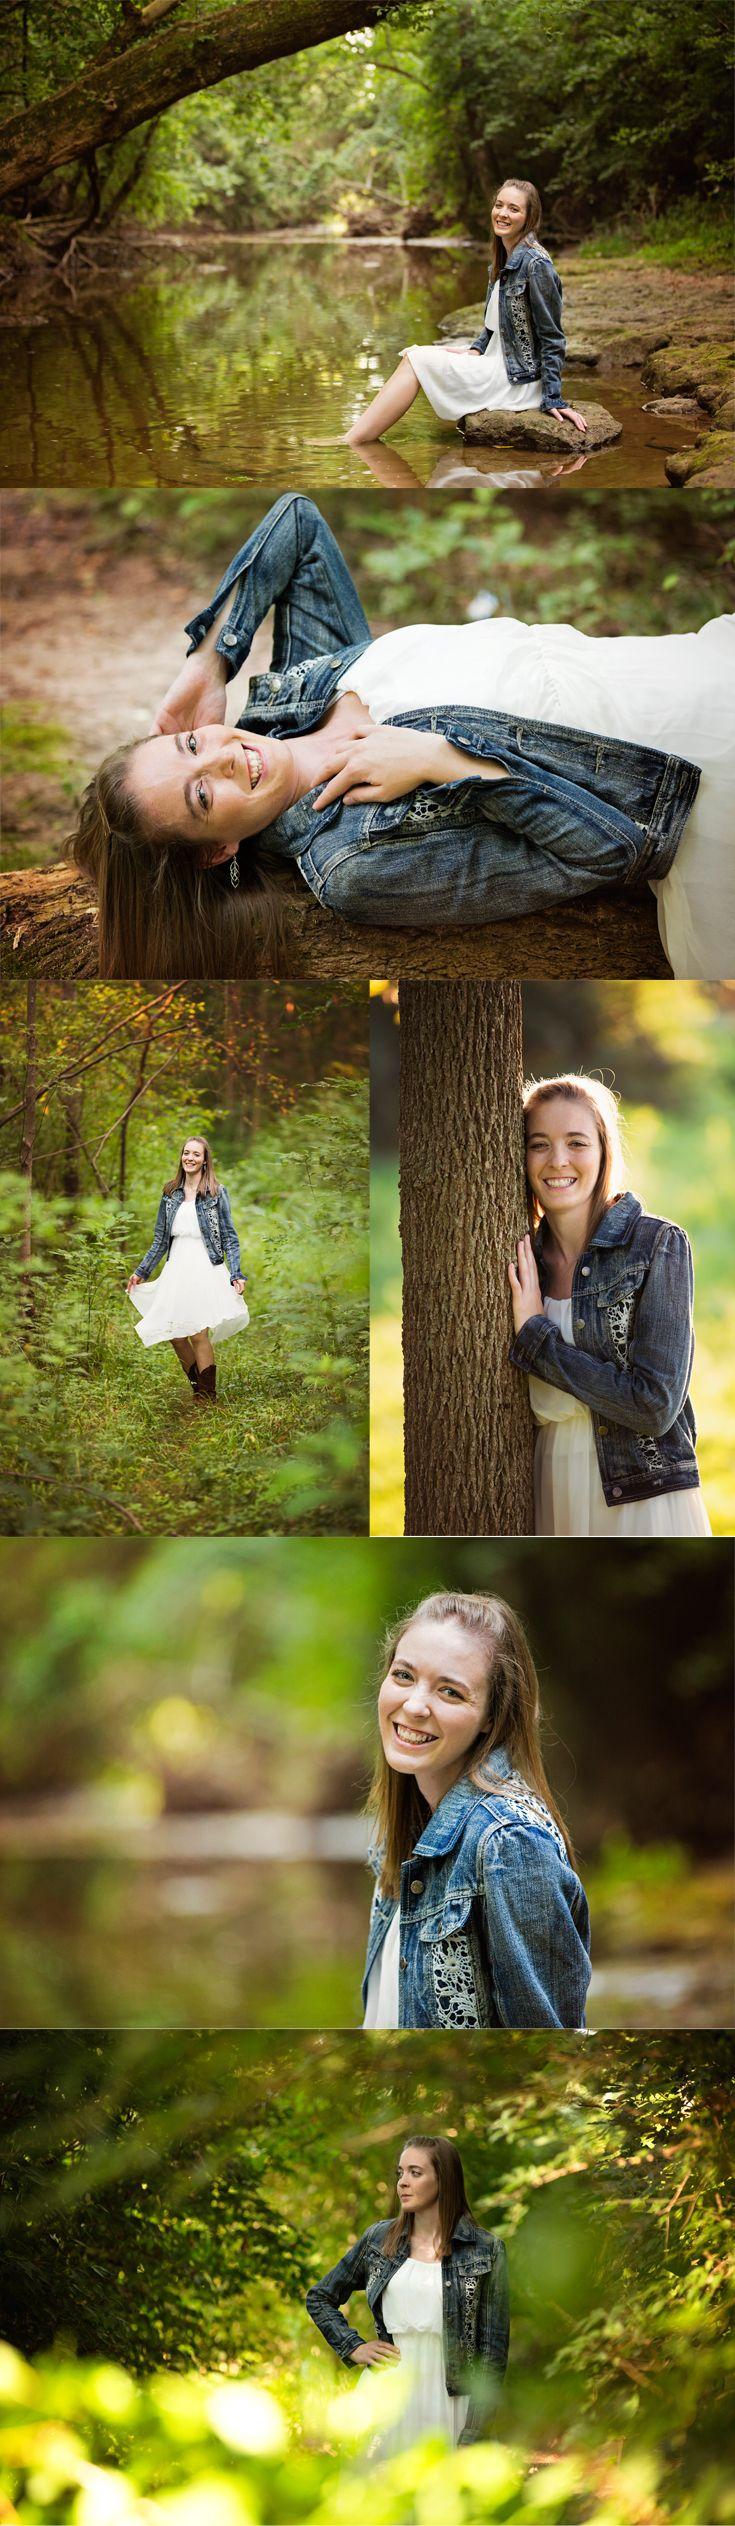 Woods Senior Girl Greenery River Dress Rocks